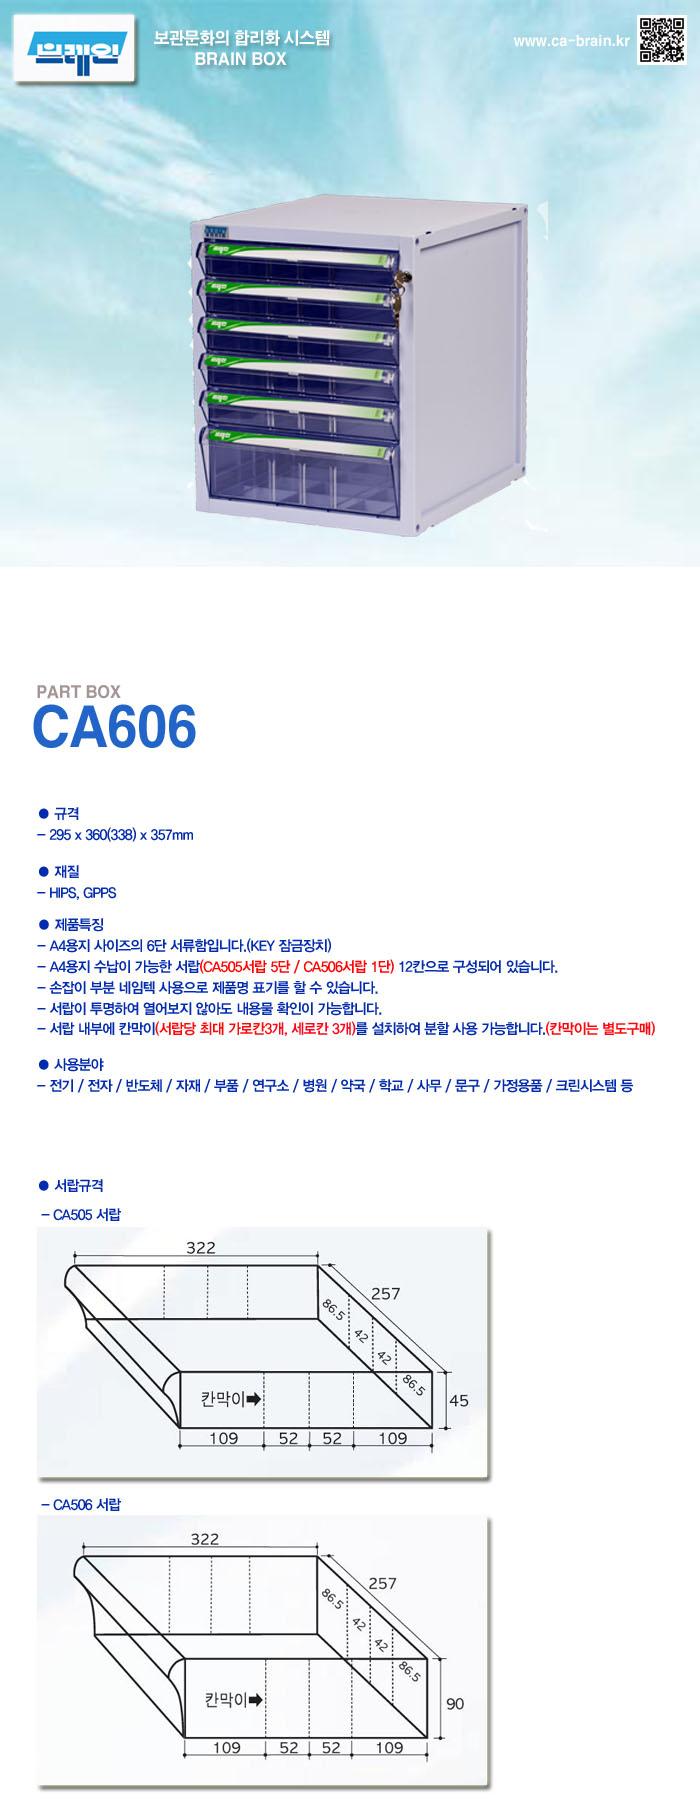 6칸 서류함 CA606 - 중앙브레인, 50,600원, 서랍장, 플라스틱 서랍장